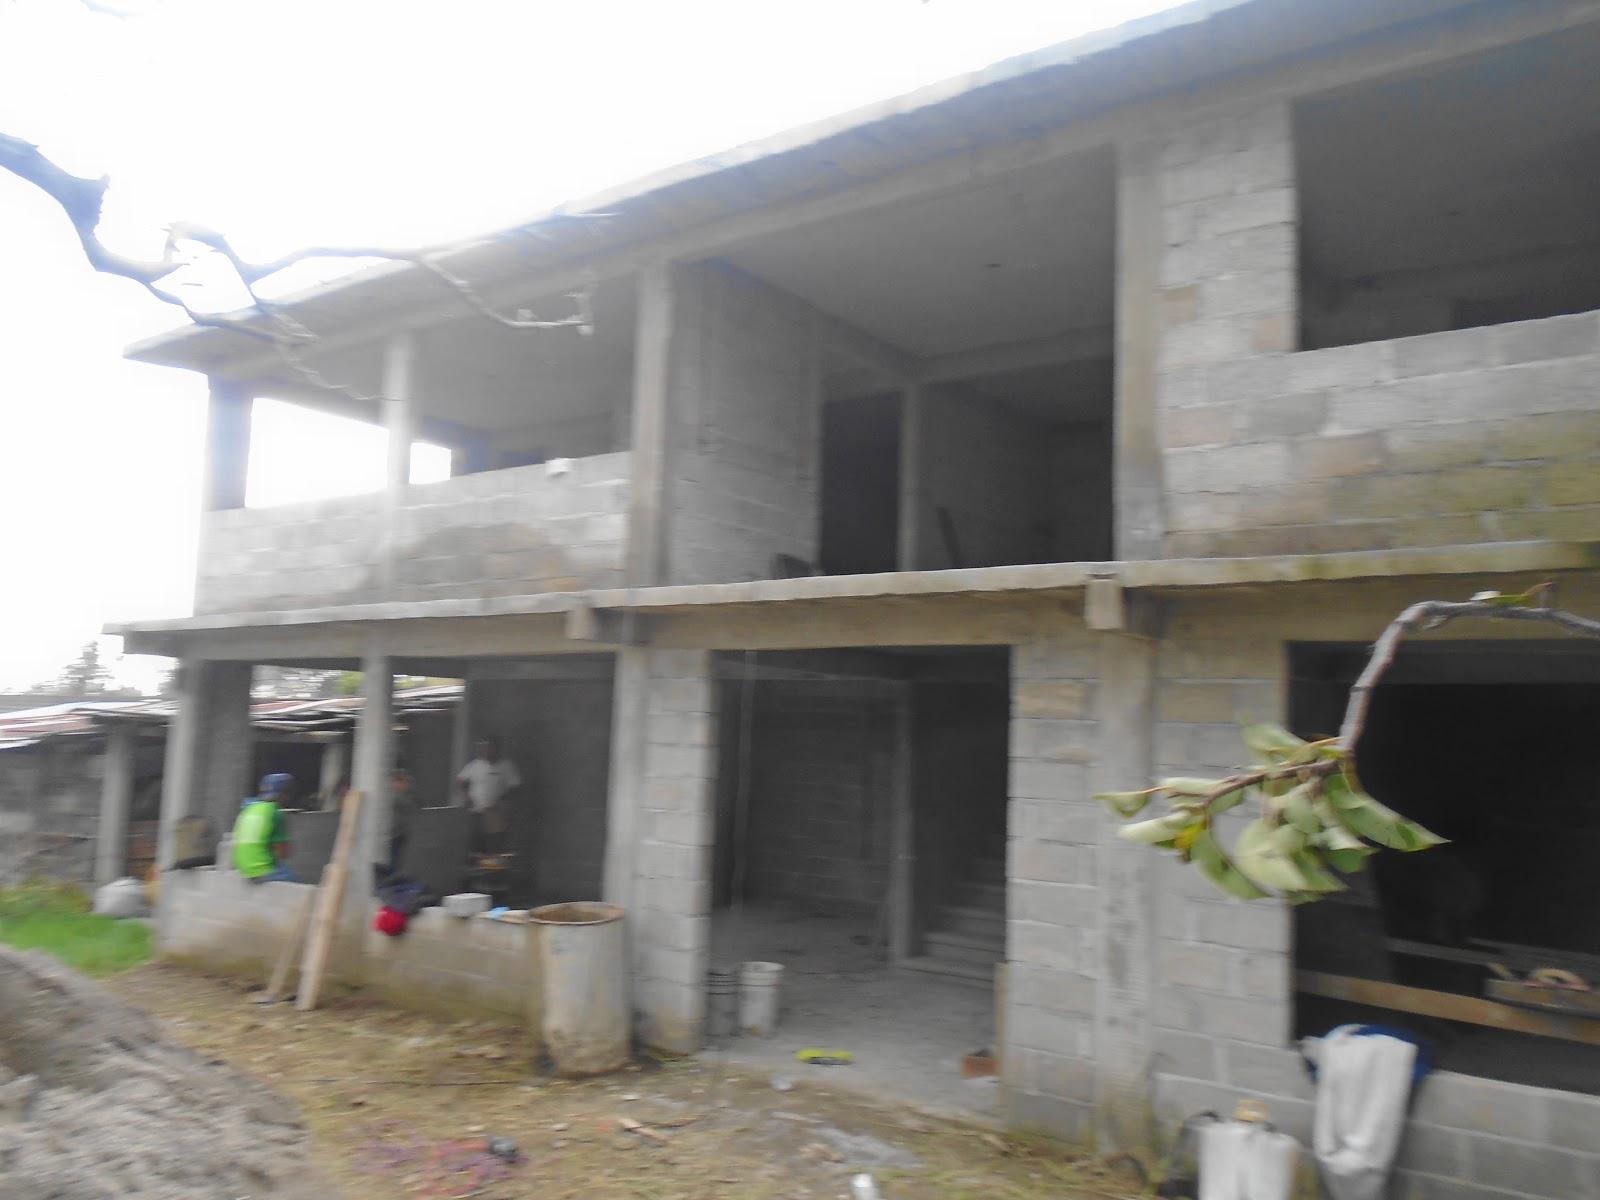 Prensa oppeem avanza el programa de vivienda gestionado - Programa diseno vivienda ...